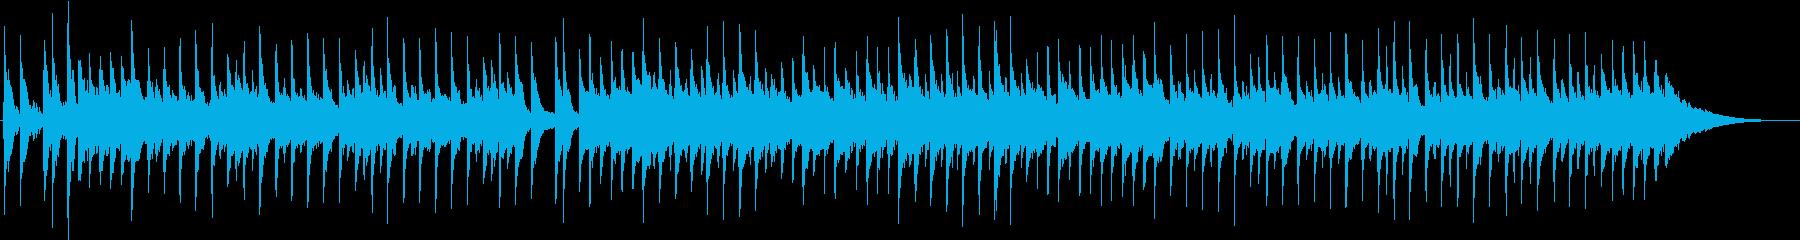 リズムが盛り沢山なワクワクするポップスの再生済みの波形